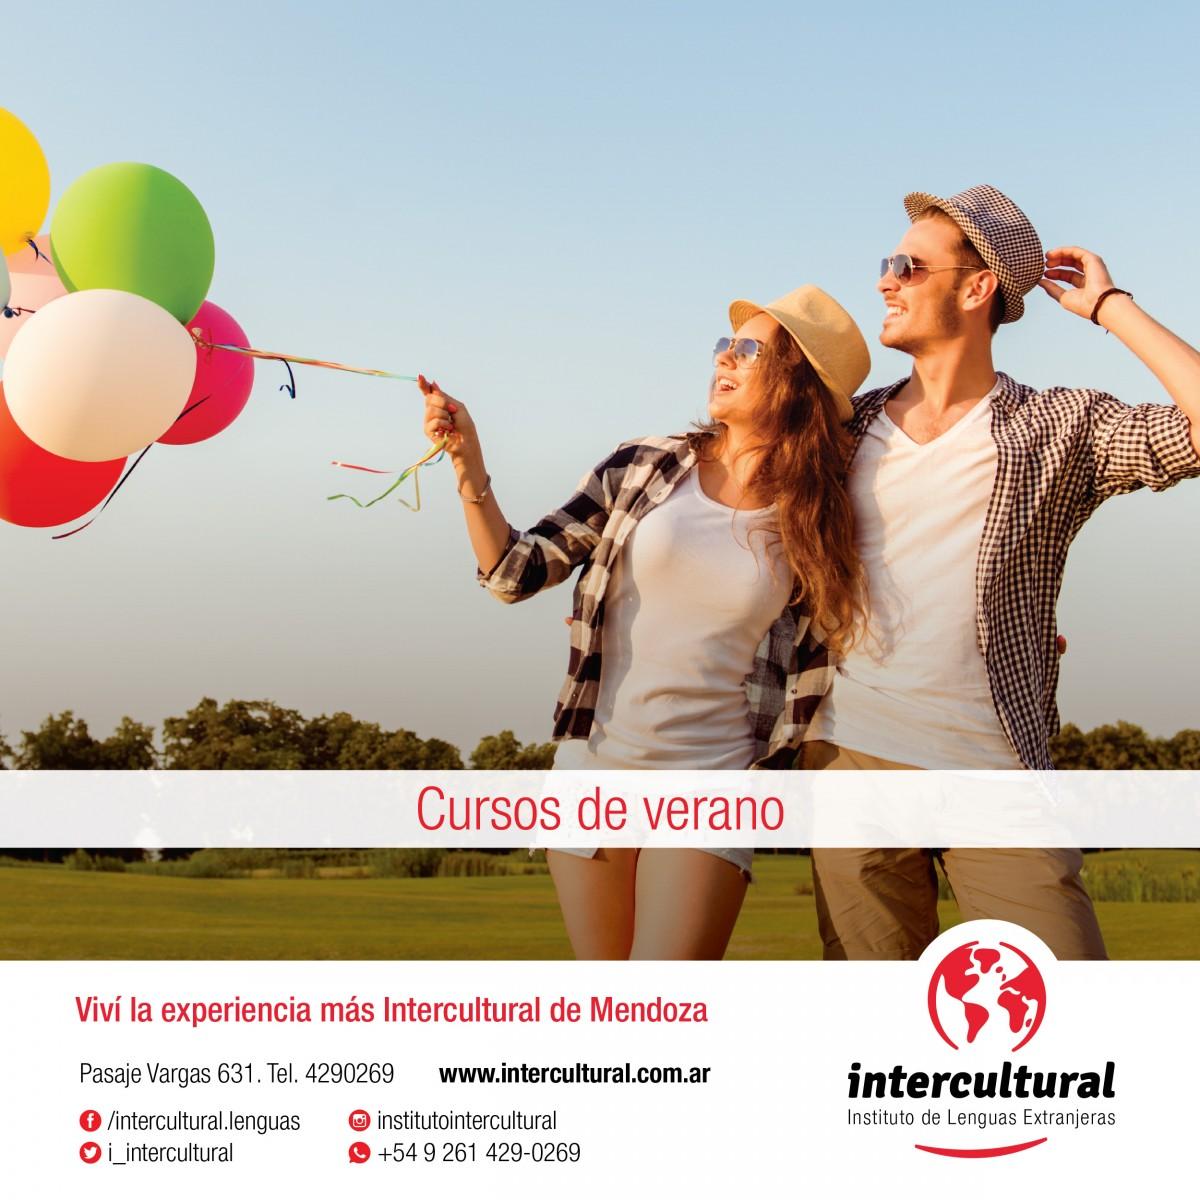 Posteos_Nuevos_Intercultural_Felicidad-01